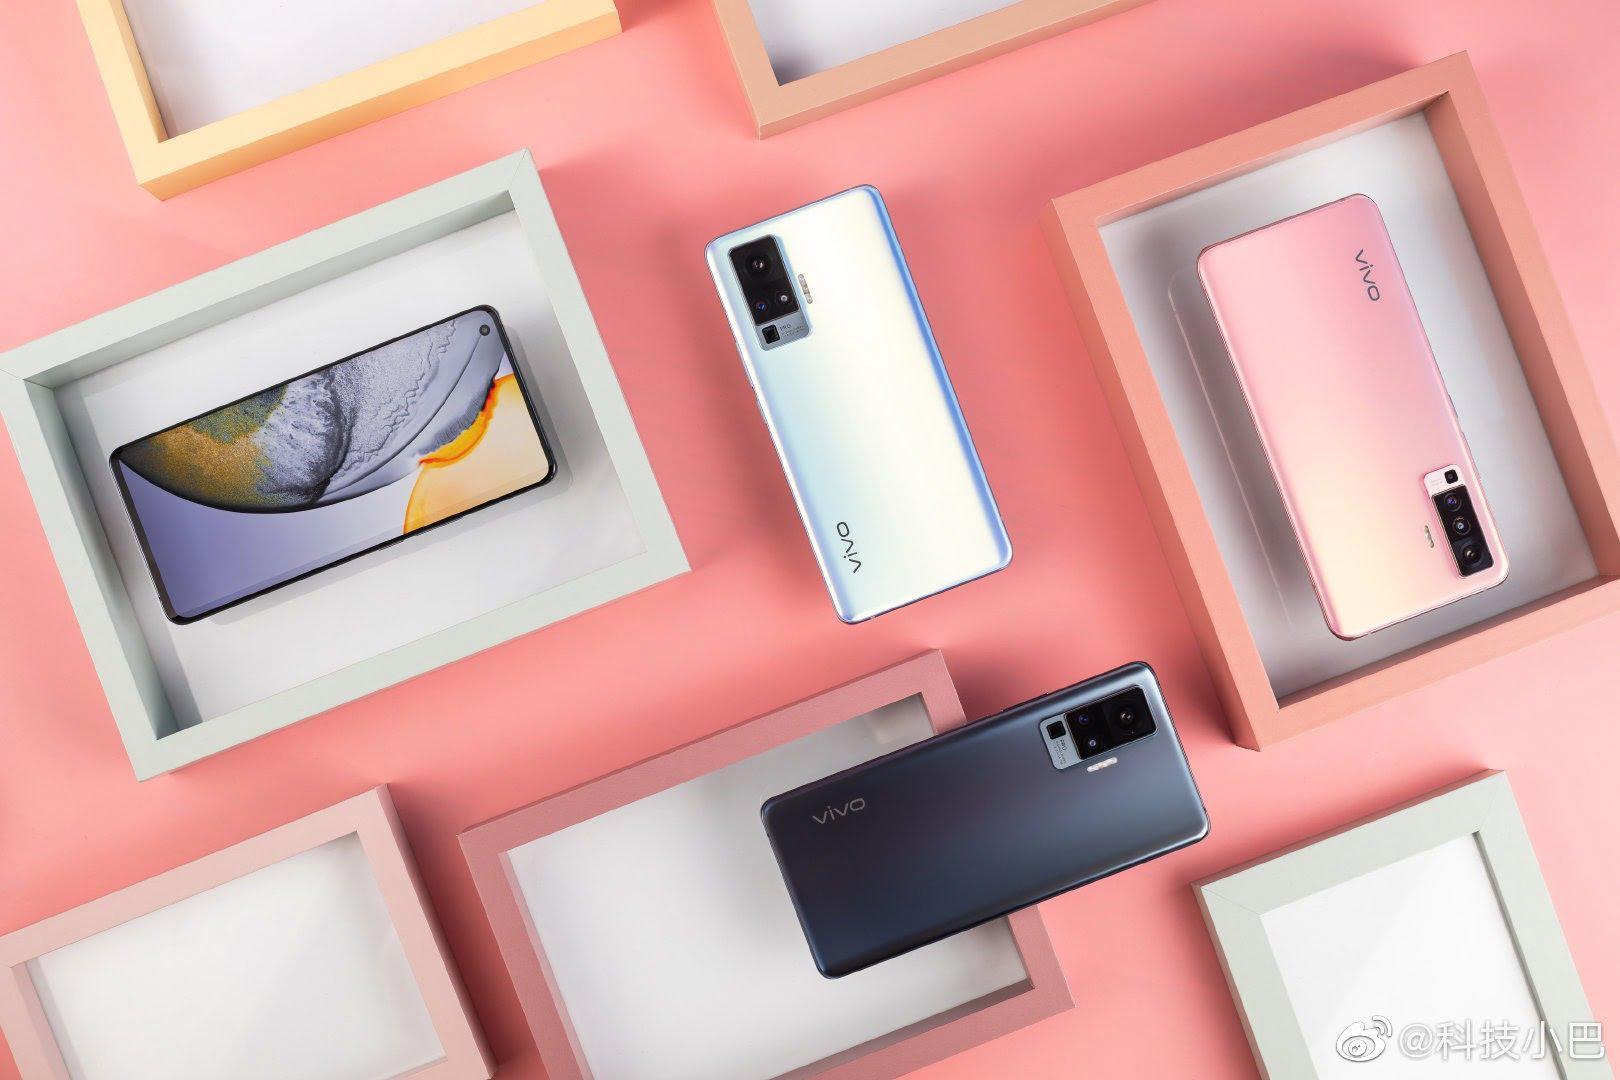 Vivo X50 series coming to India, confirms Vivo CEO